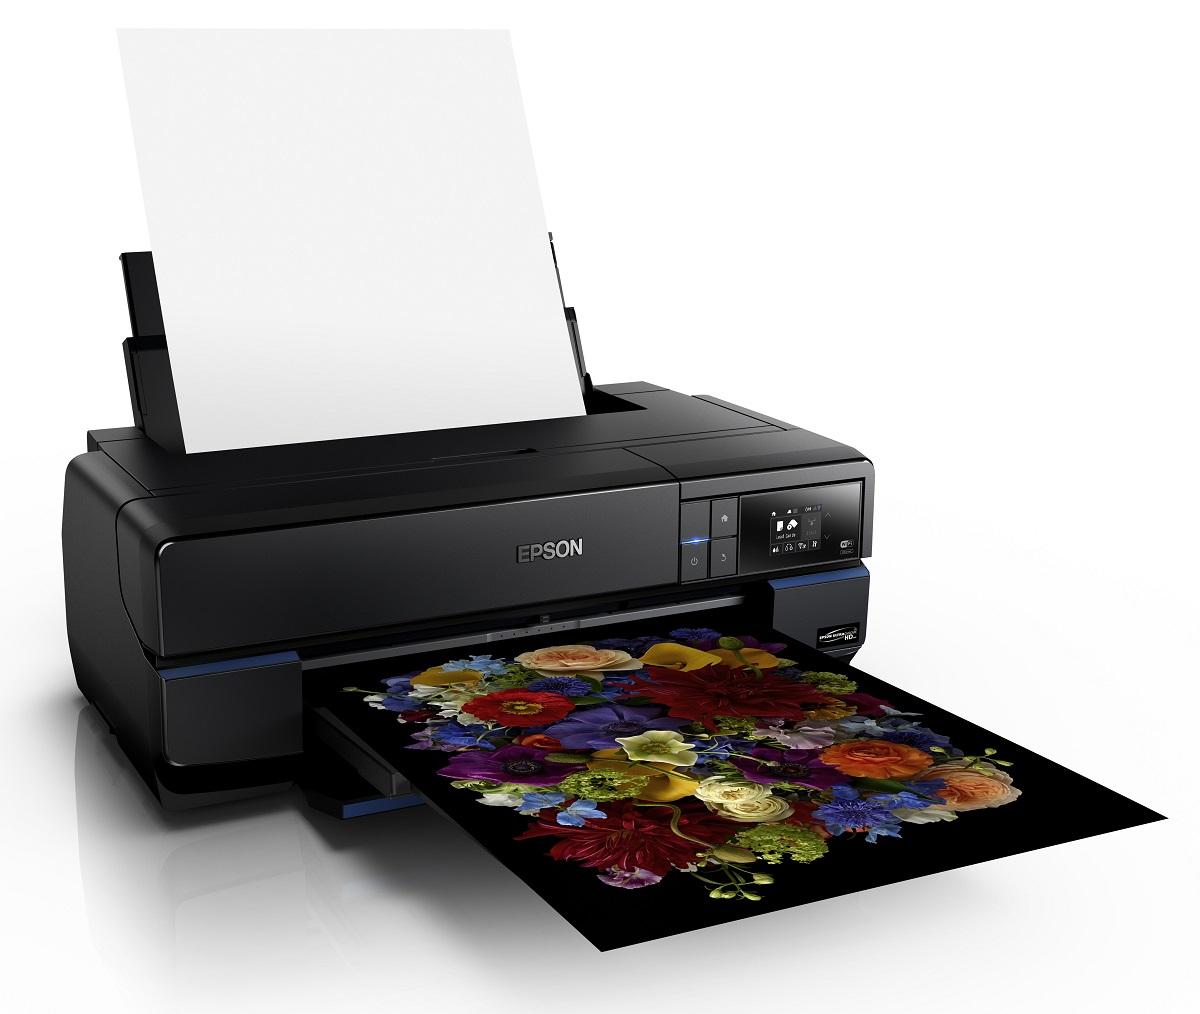 אפסון תשיק בתערוכת Isprint 2015 מדפסות פוטו מקצועיות, מדפסות